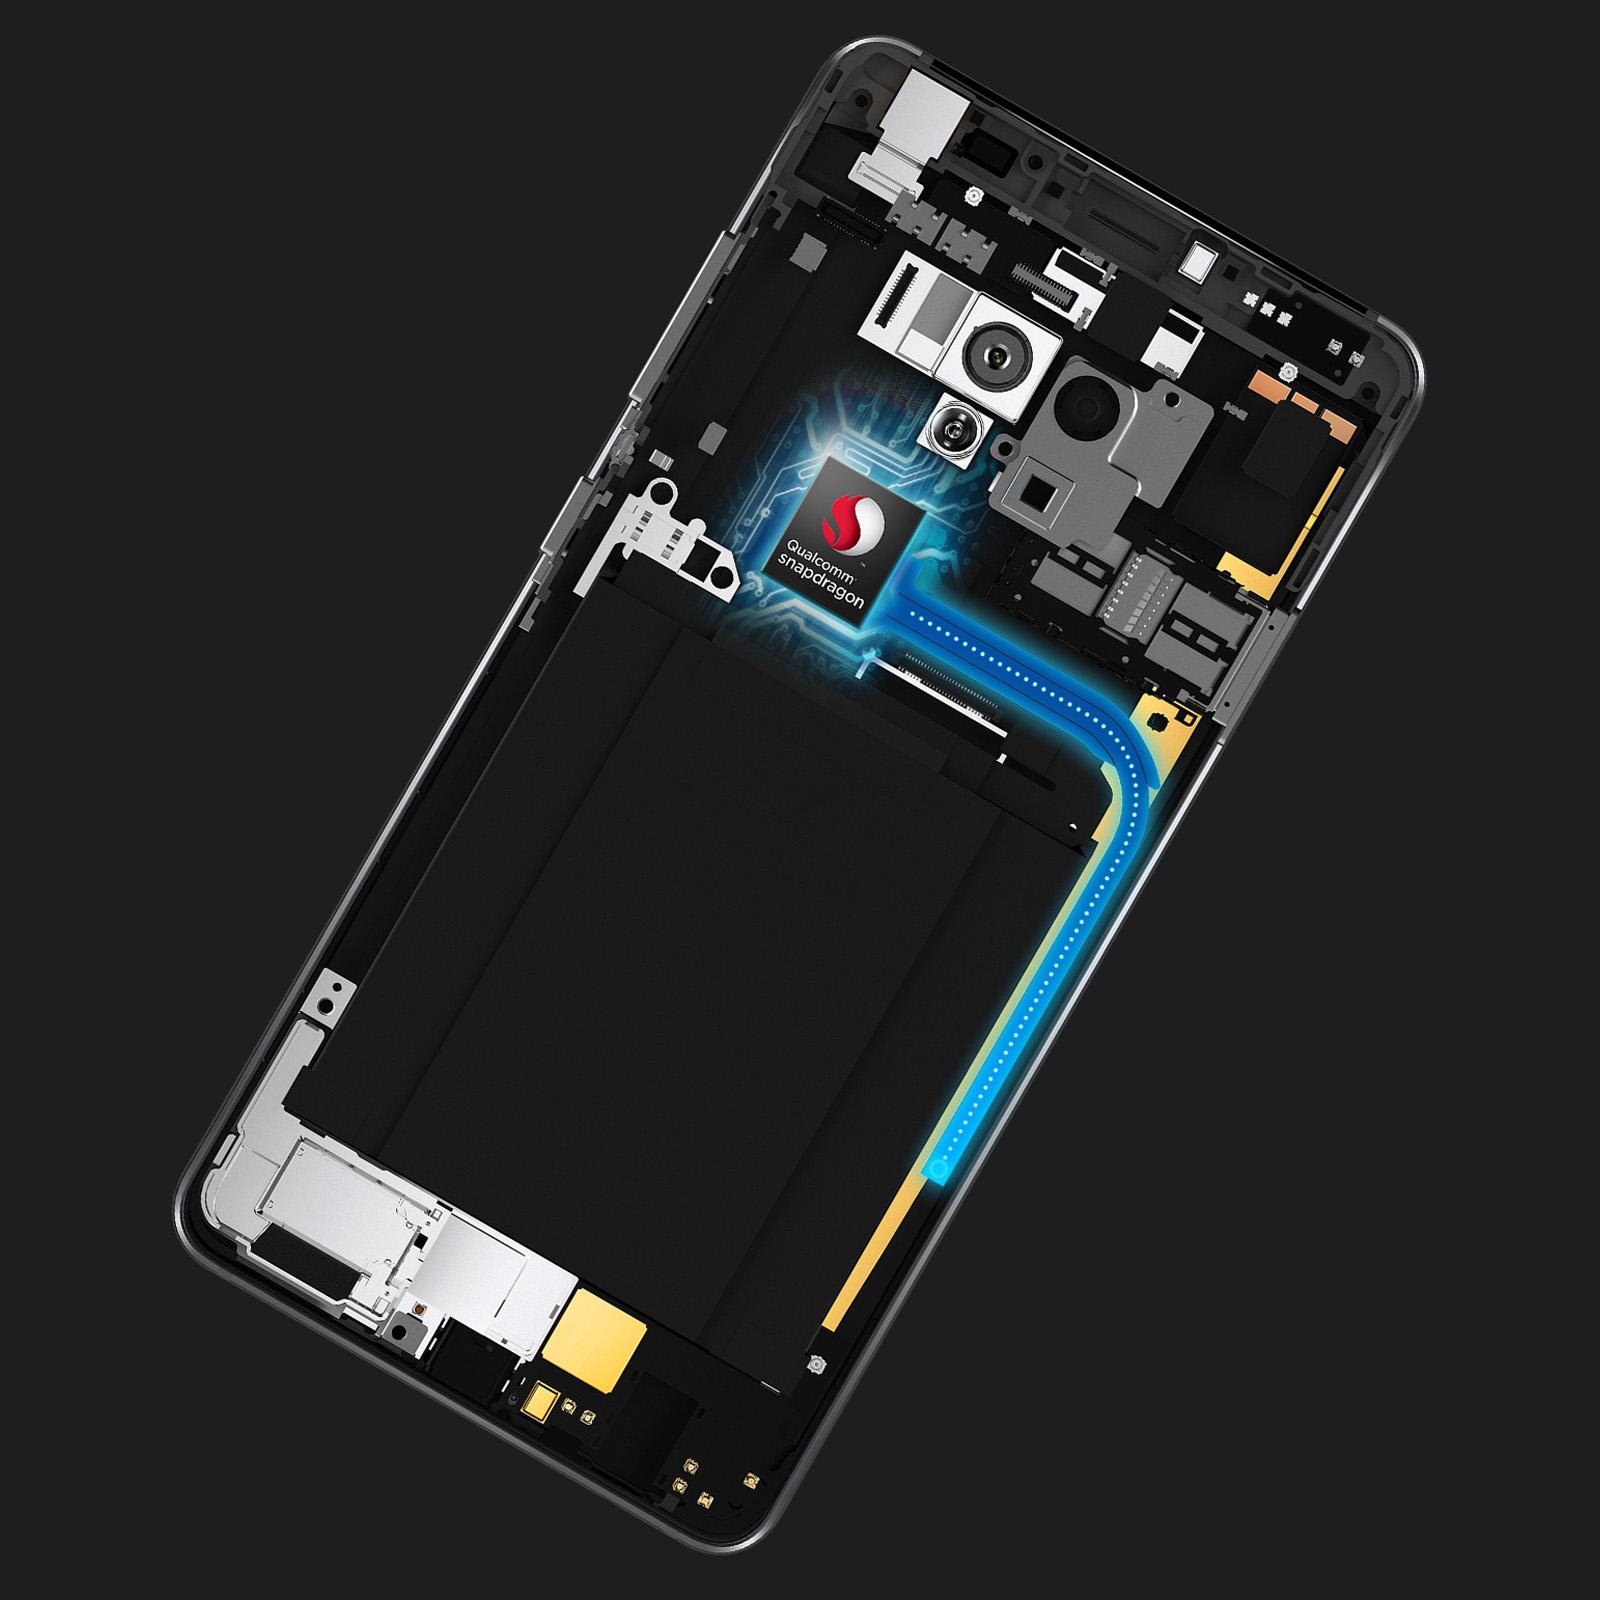 ASUS ZenFone AR 内部